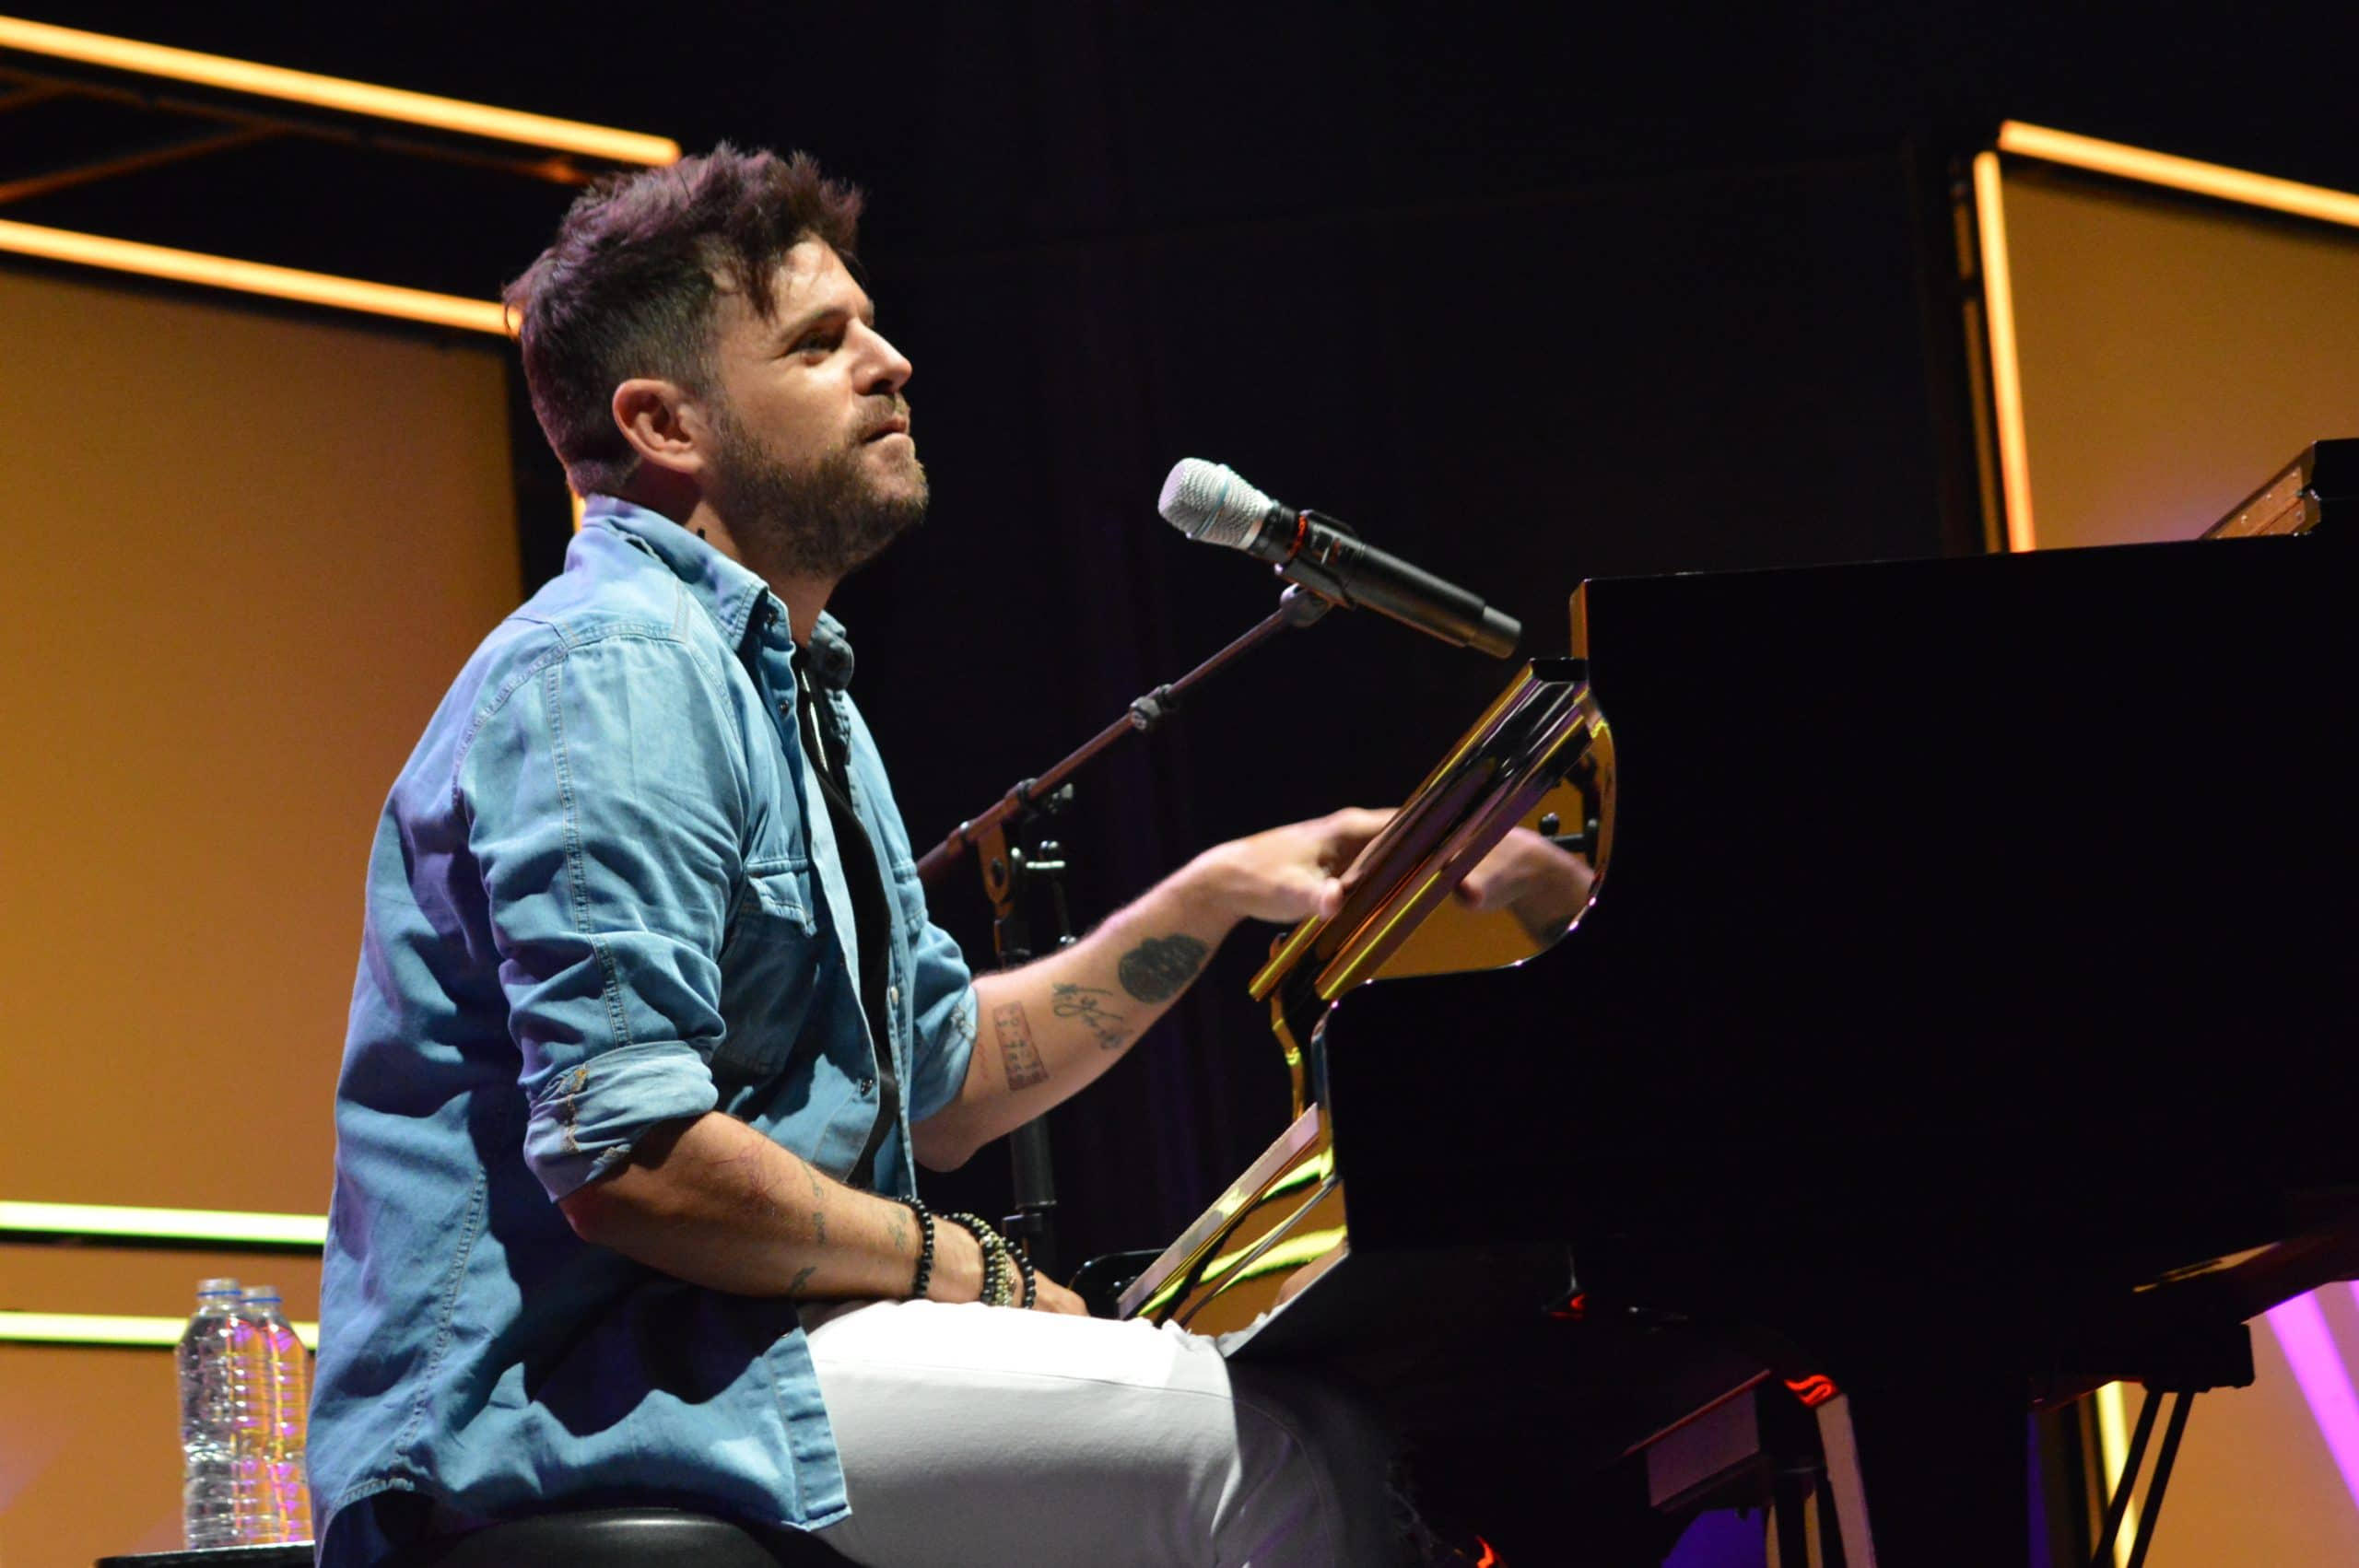 La gira 'López, piano y voz' de Pablo López pone el broche final a las fiestas de la Encina que nunca hubiéramos querido vivir 16